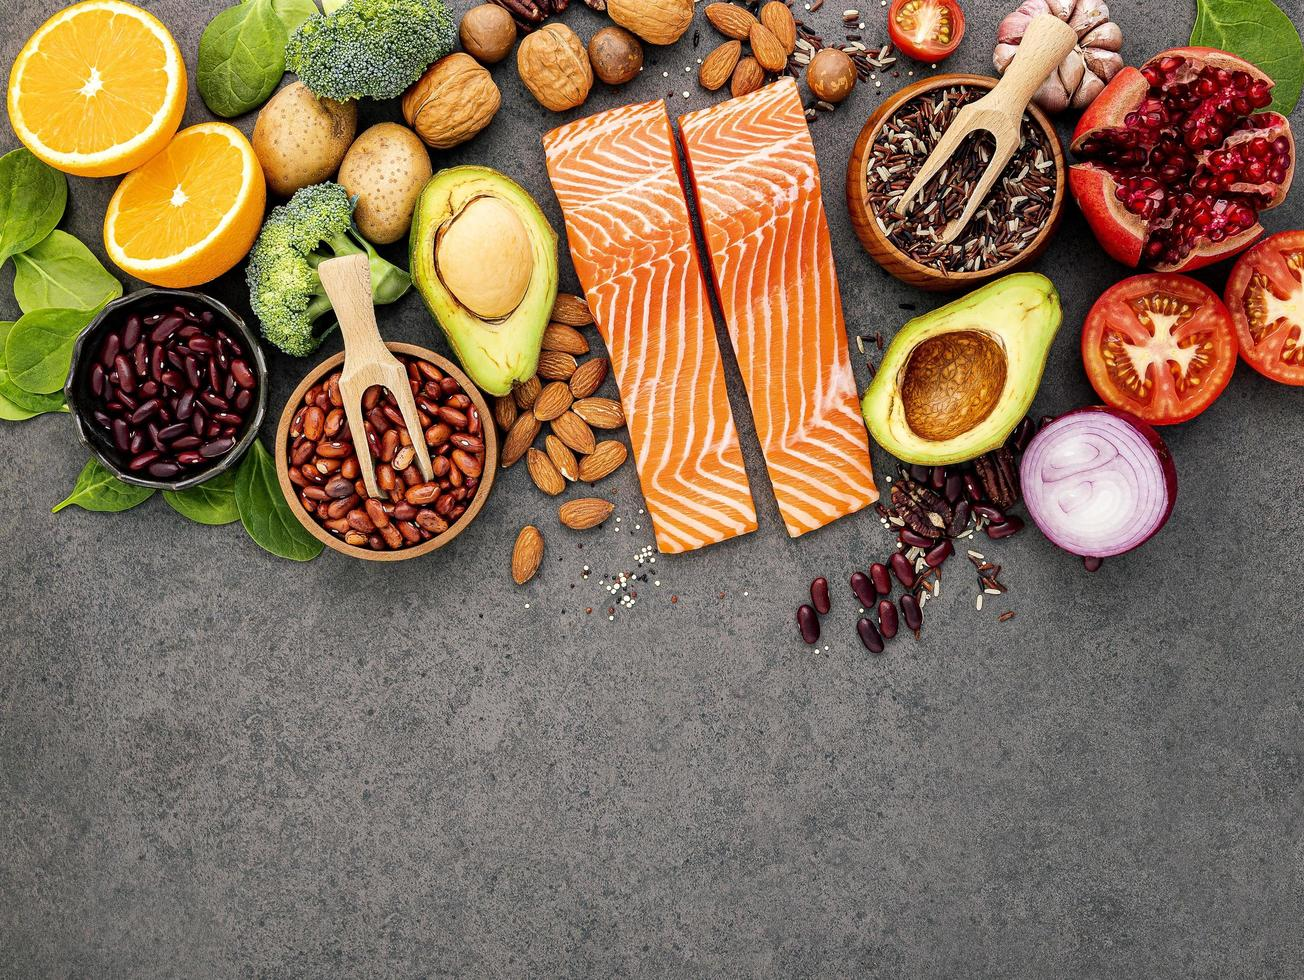 variedade de comida saudável foto